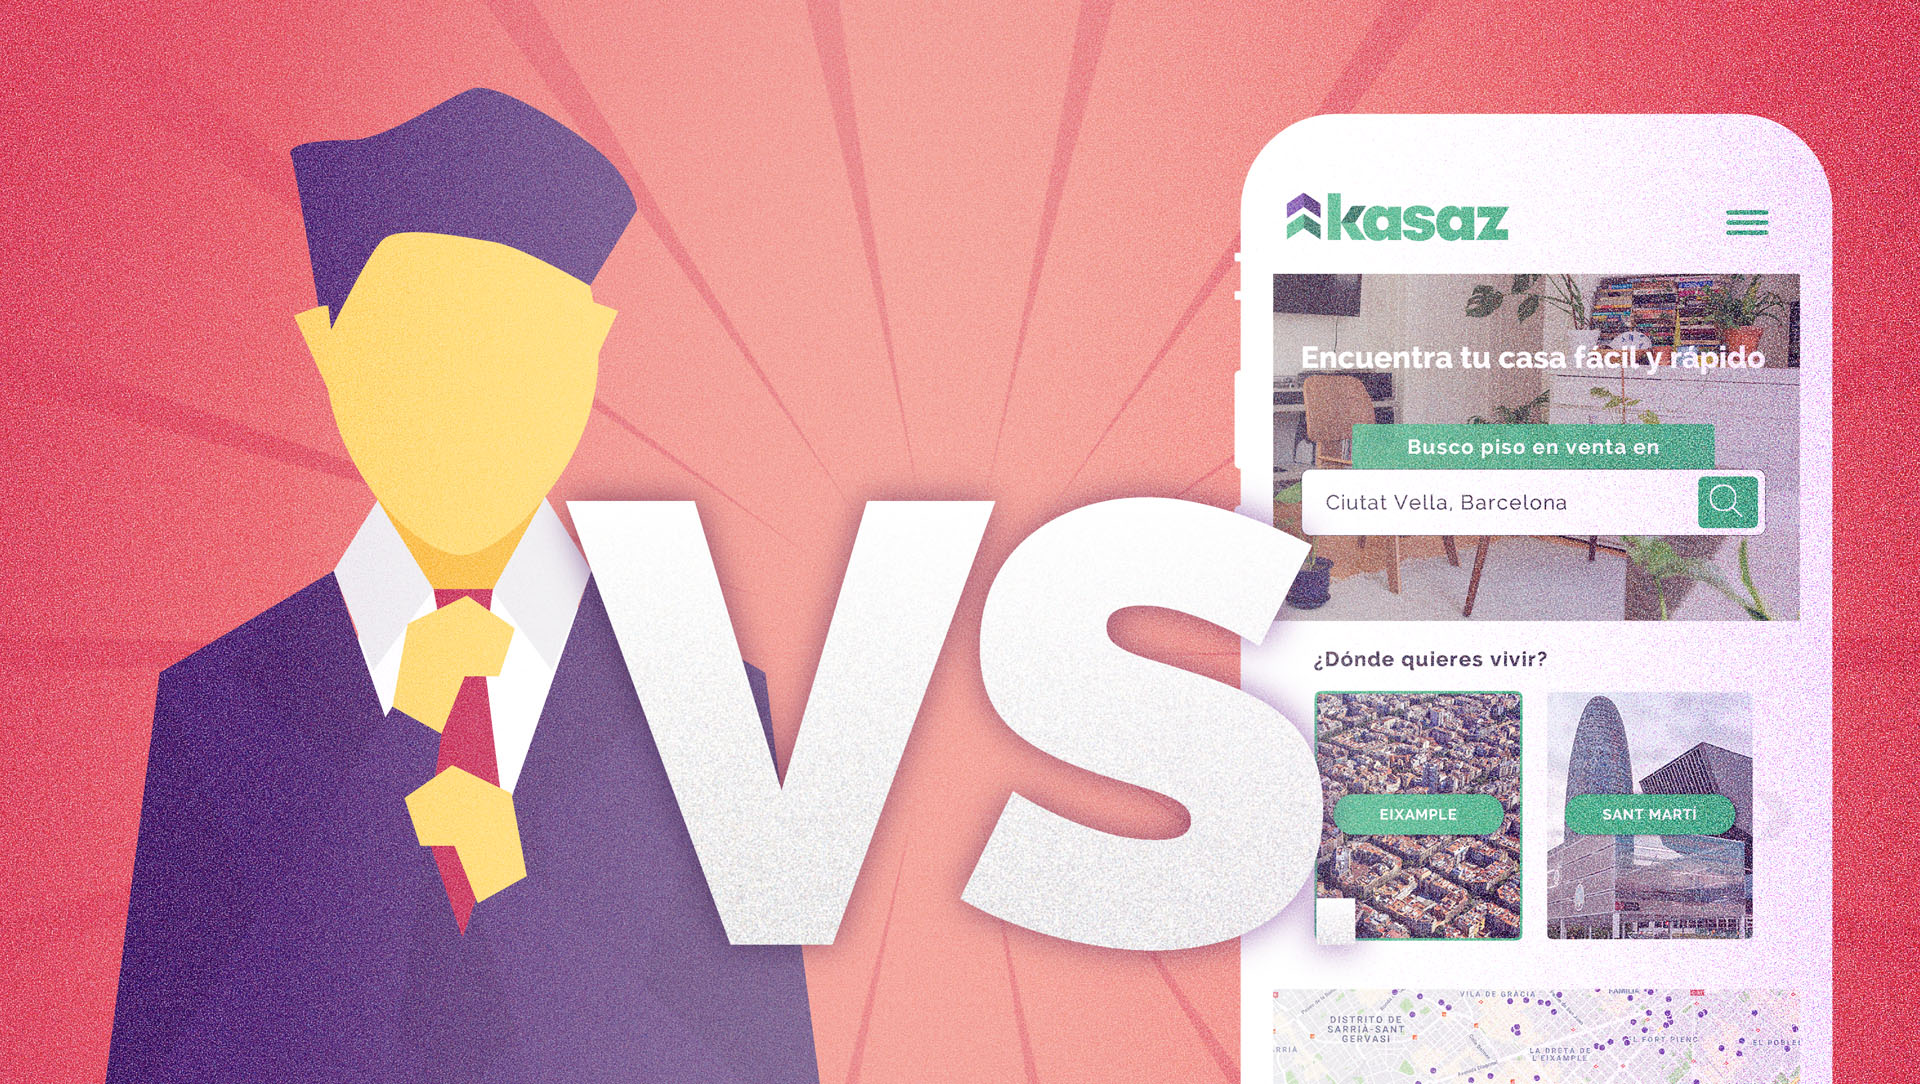 diseño de ilustracion para ilustrar post sobre las diferencias entre portales inmobiliarios e inmobiliarias tradicionales kasaz portal inmobiliario diseño grafico